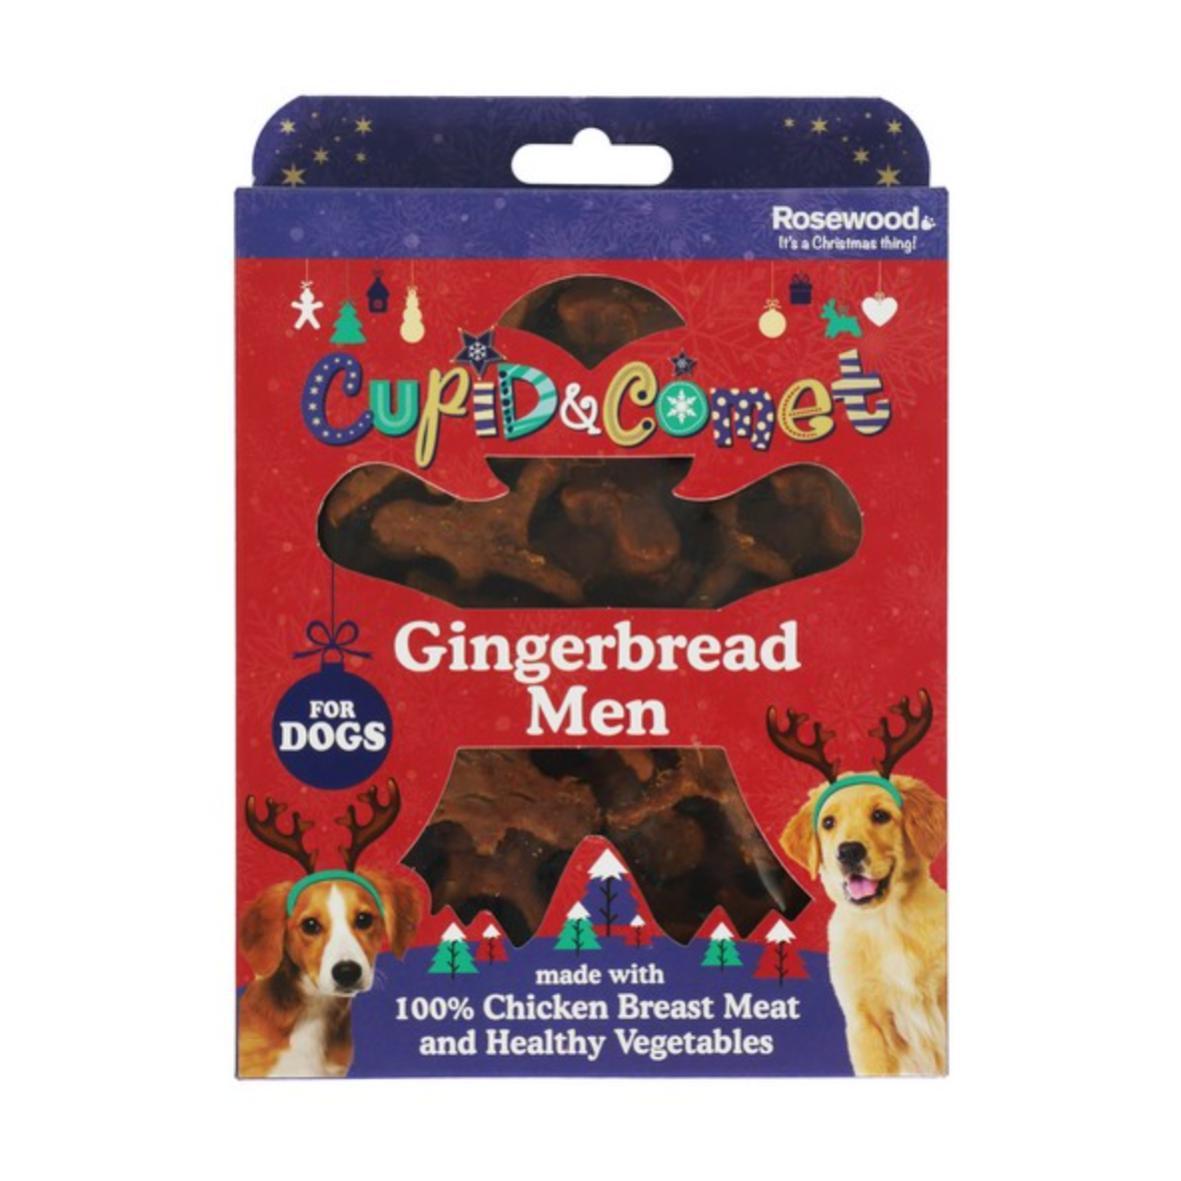 CLEARANCE Cupid & Comet Gingerbread Men Chicken Bites 160gm